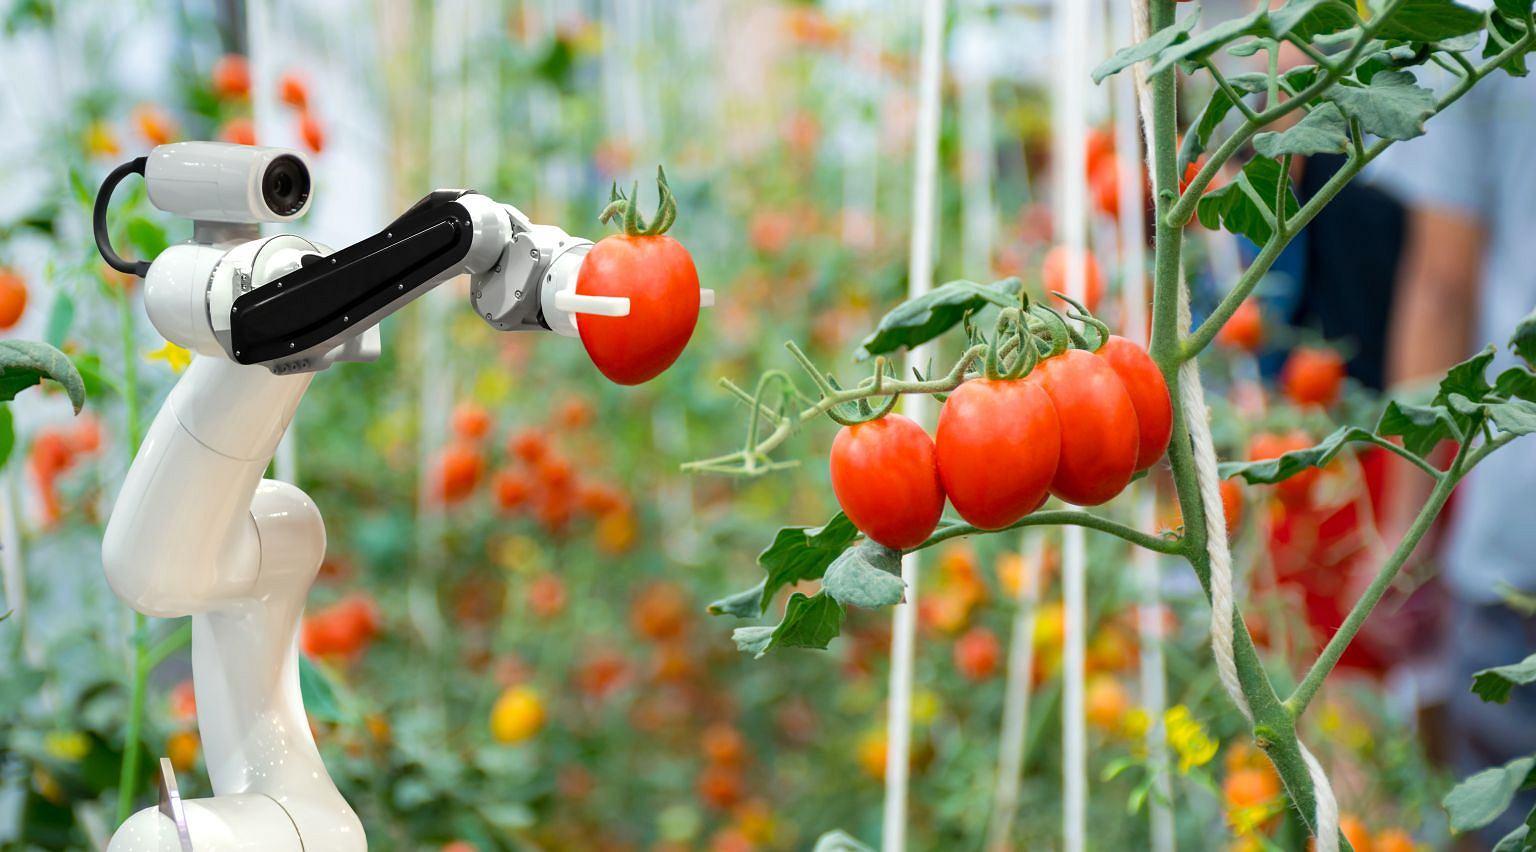 Za kilkanaście lat produkcja żywności będzie miała zupełnie inne oblicze